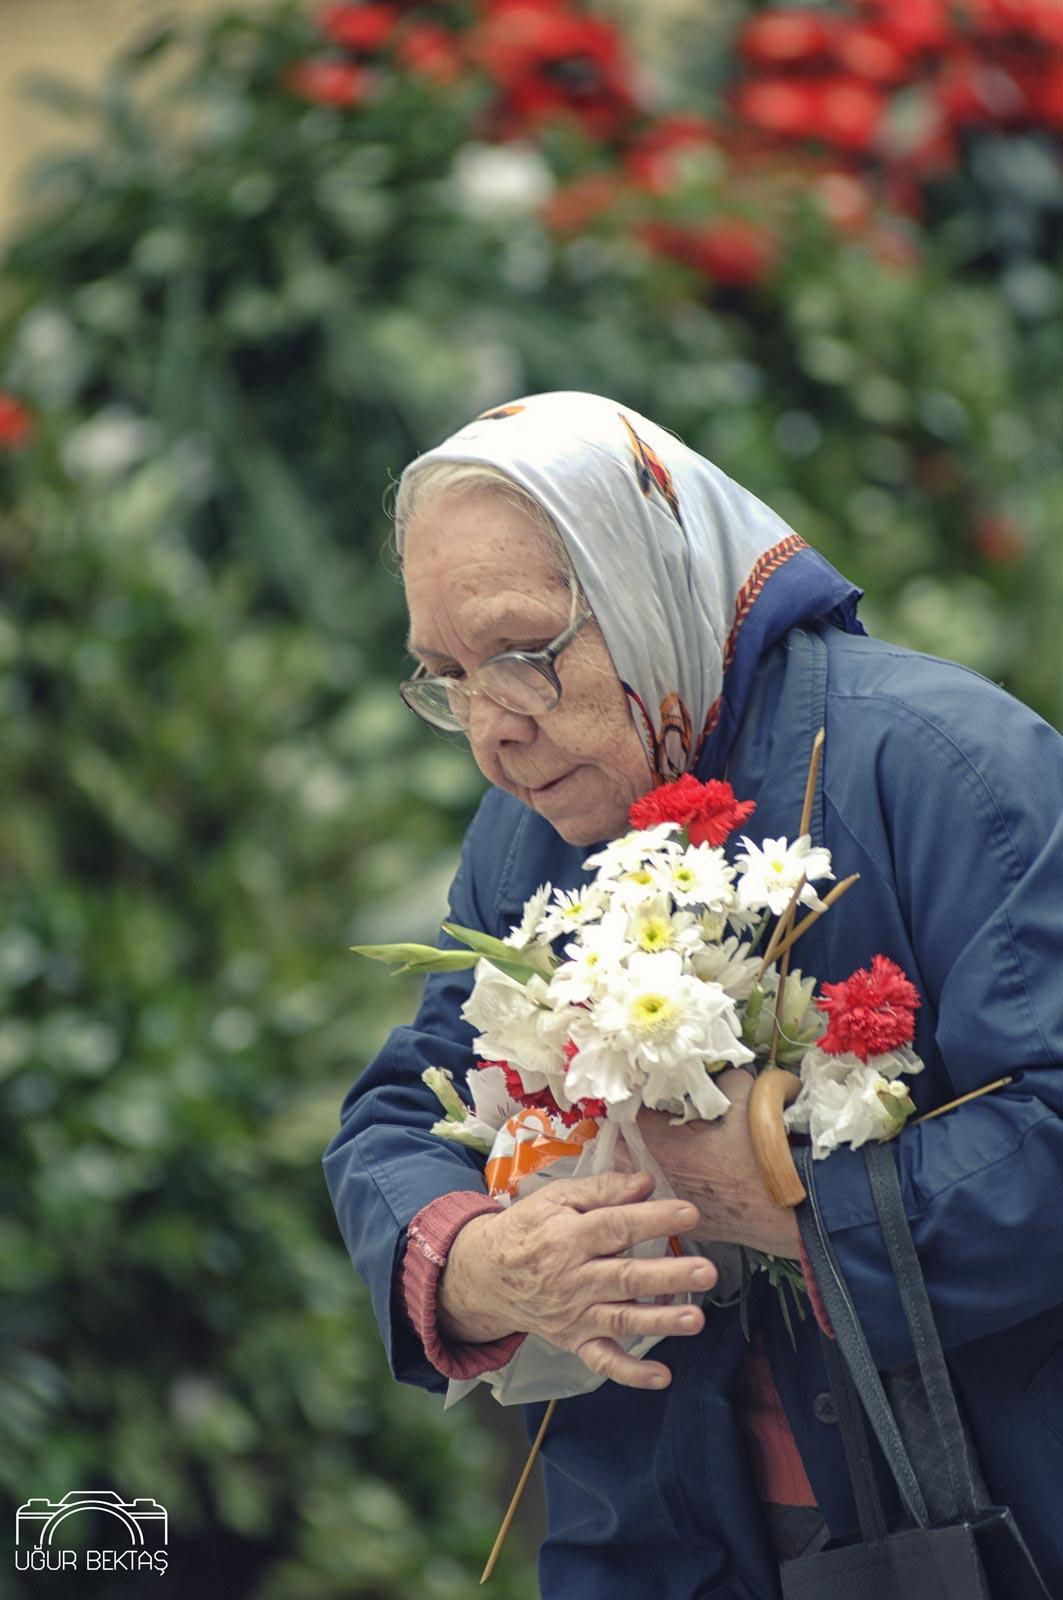 Sokaktan_Fotograflar_Turkiye__0009.jpg